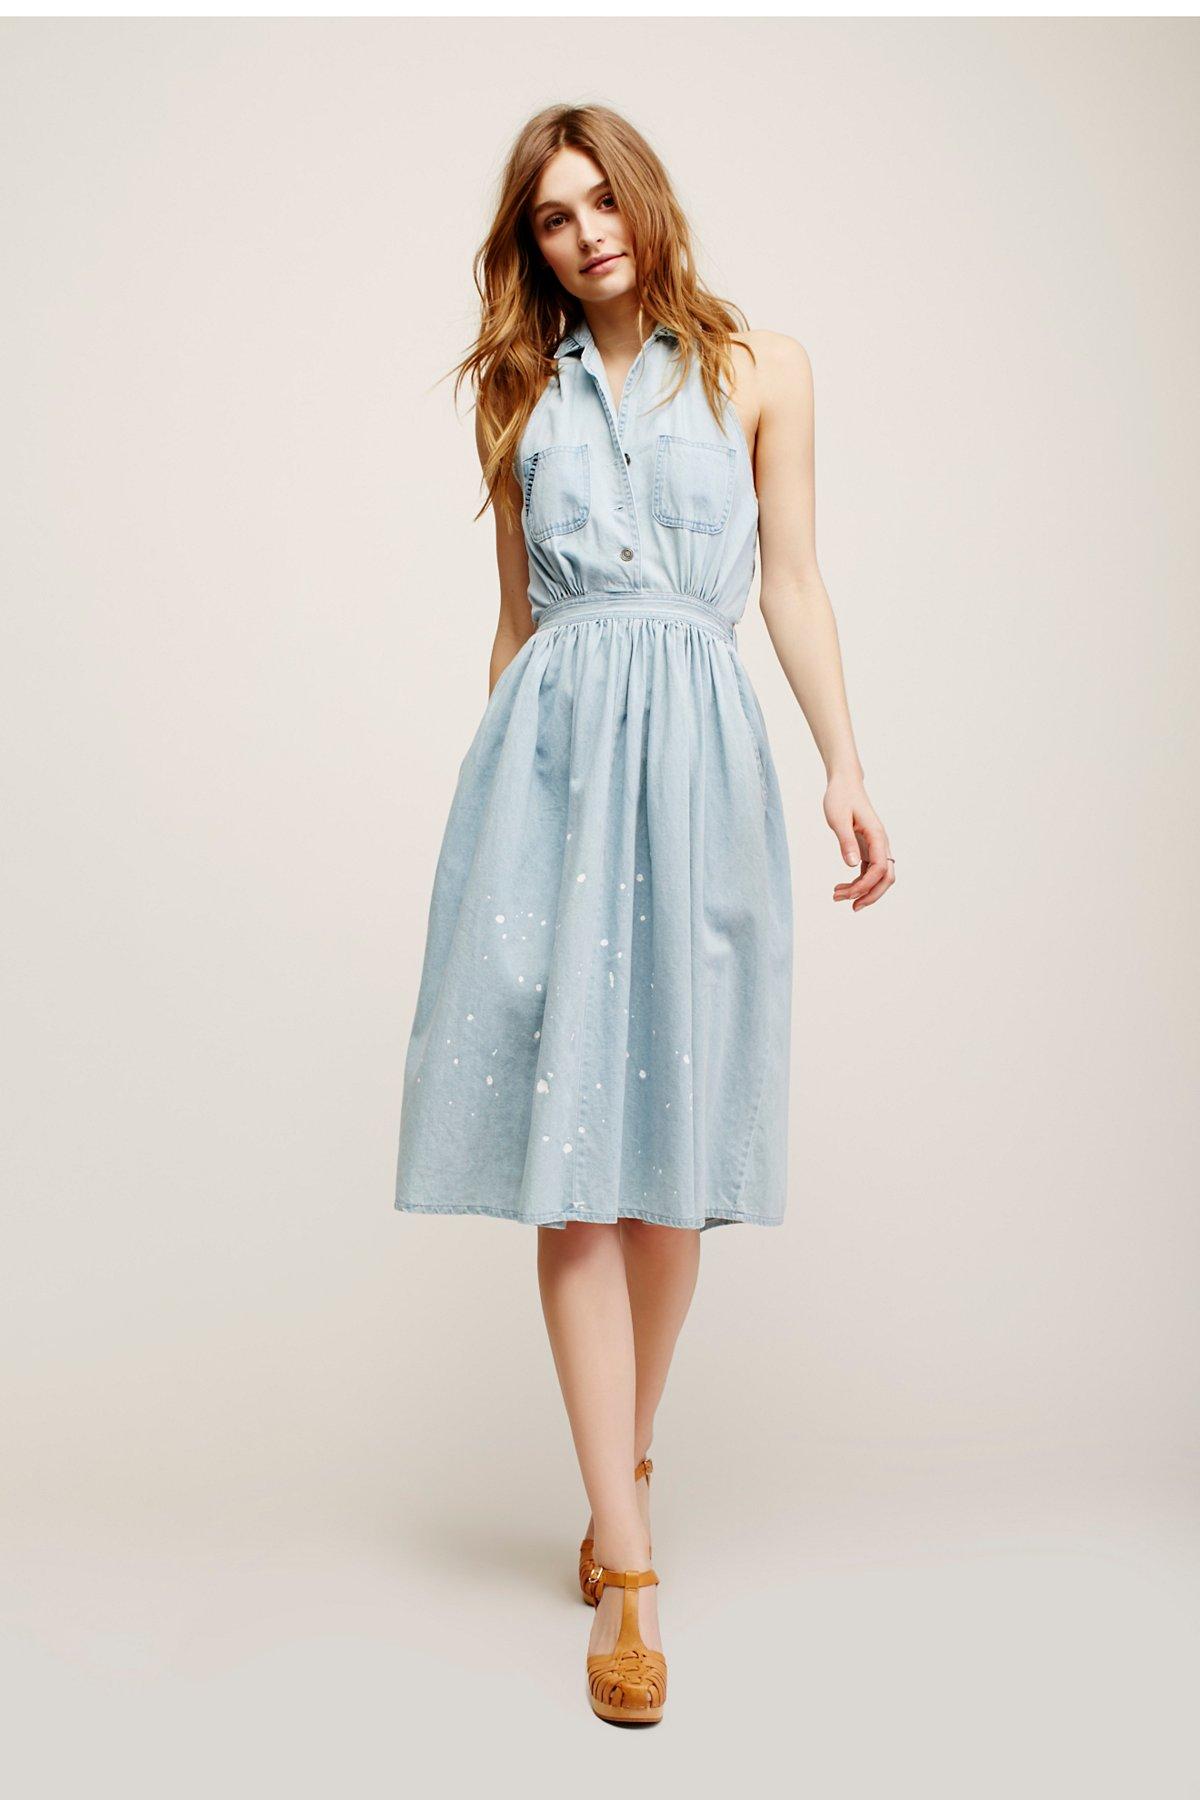 St Bleu Swoon Dress